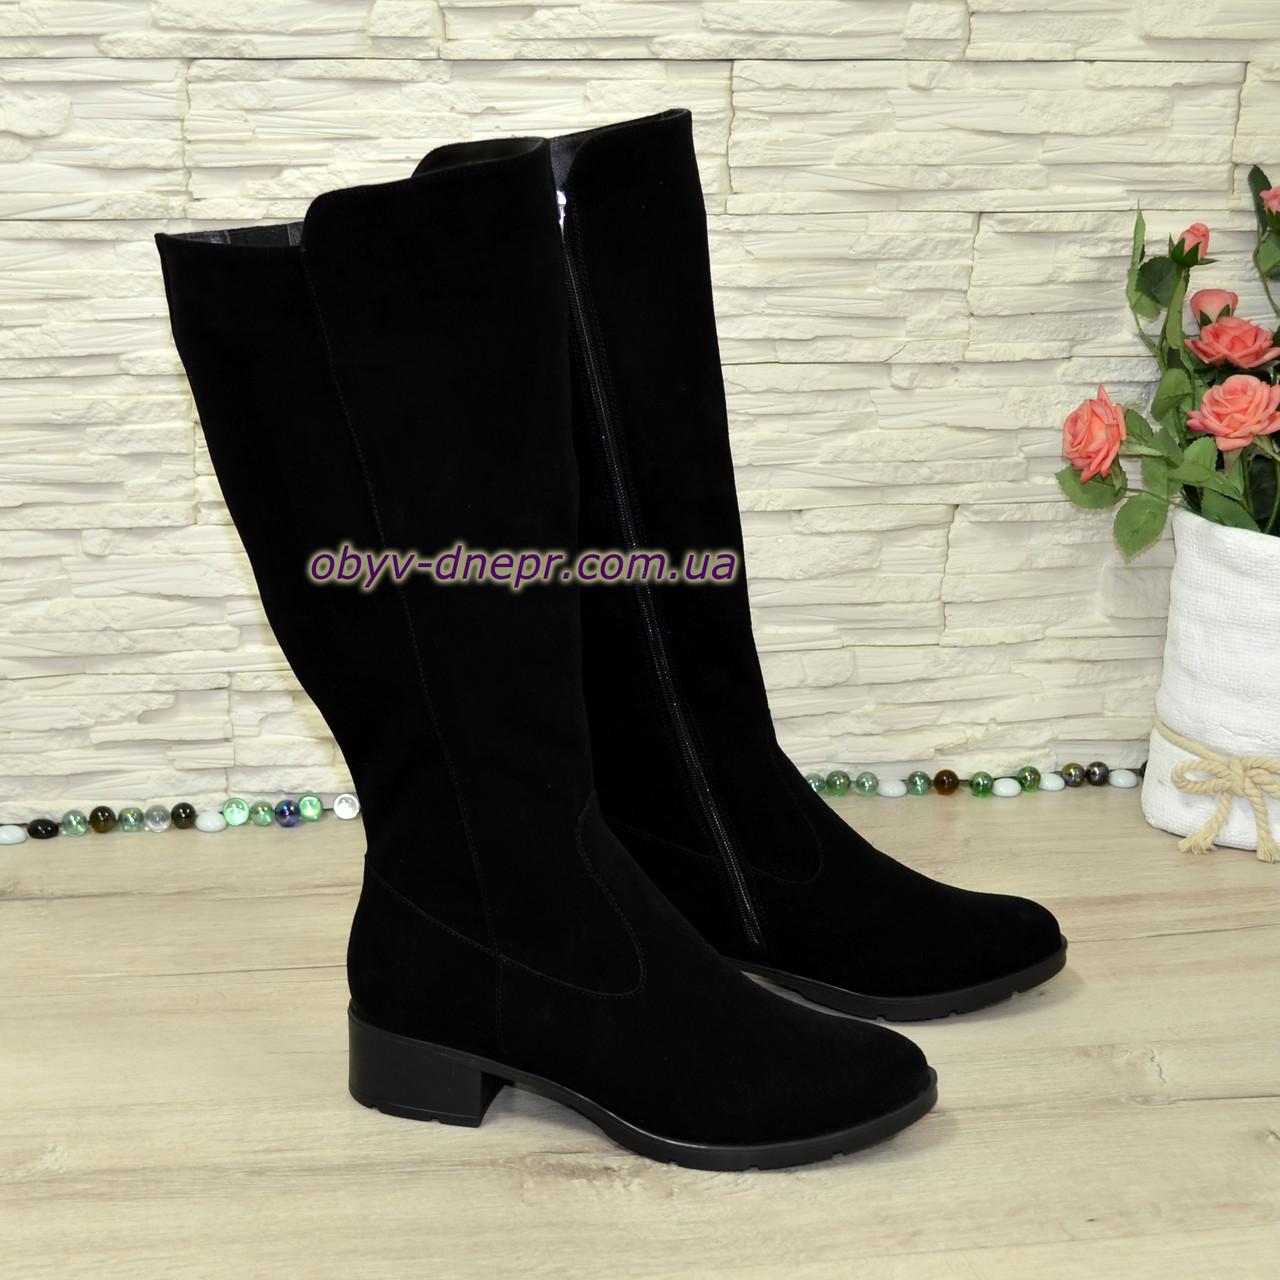 Сапоги женские замшевые демисезонные на невысоком каблуке, цвет черный